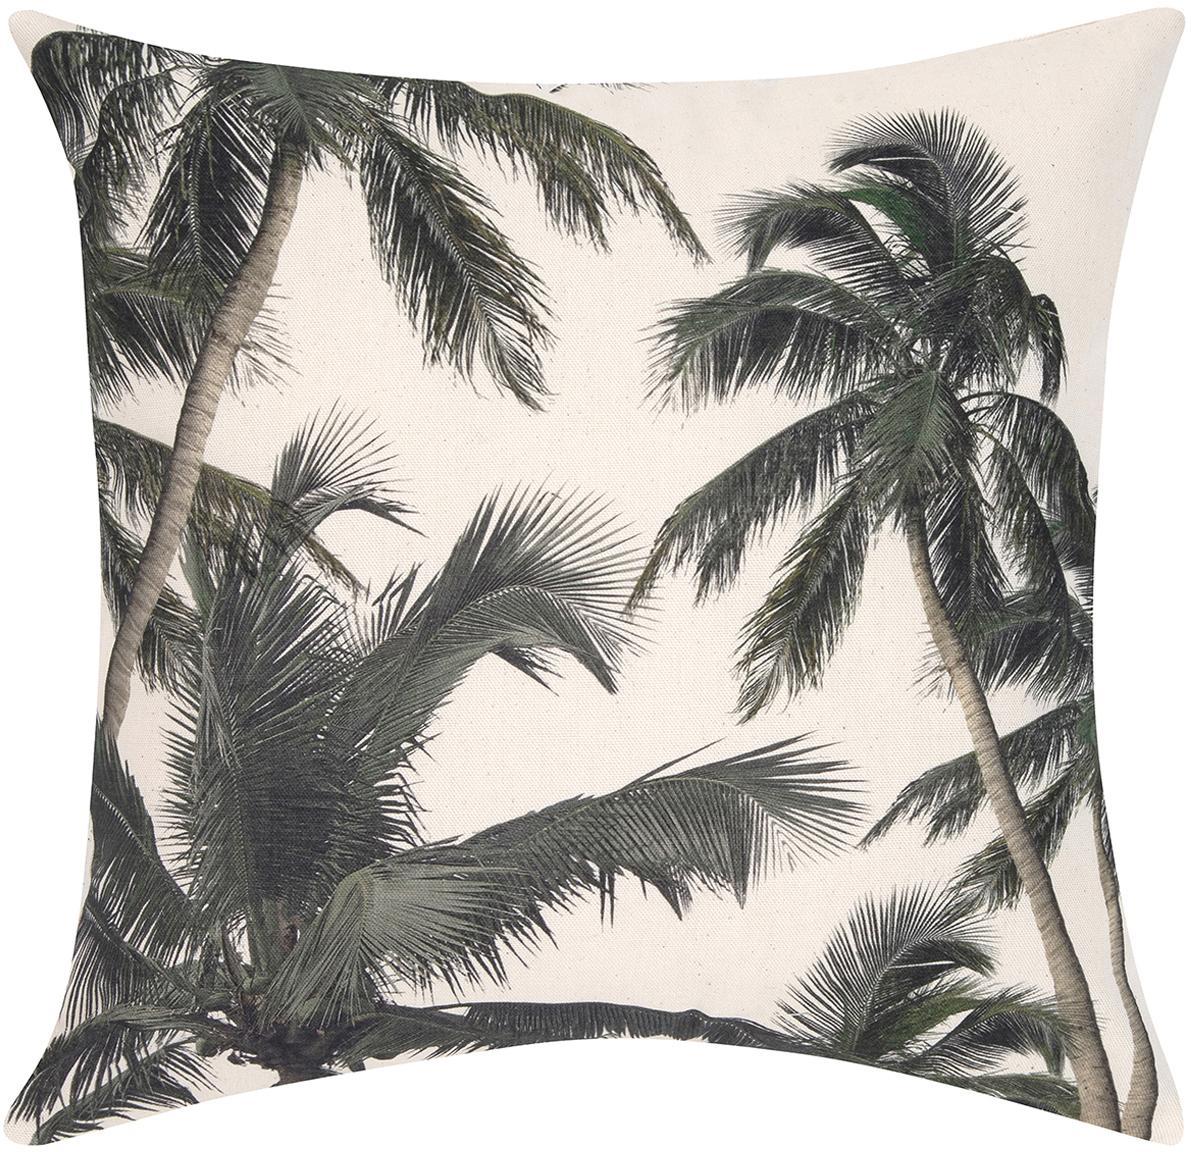 Poszewka na poduszkę Mogli, Bawełna, Ecru, zielony, S 40 x D 40 cm